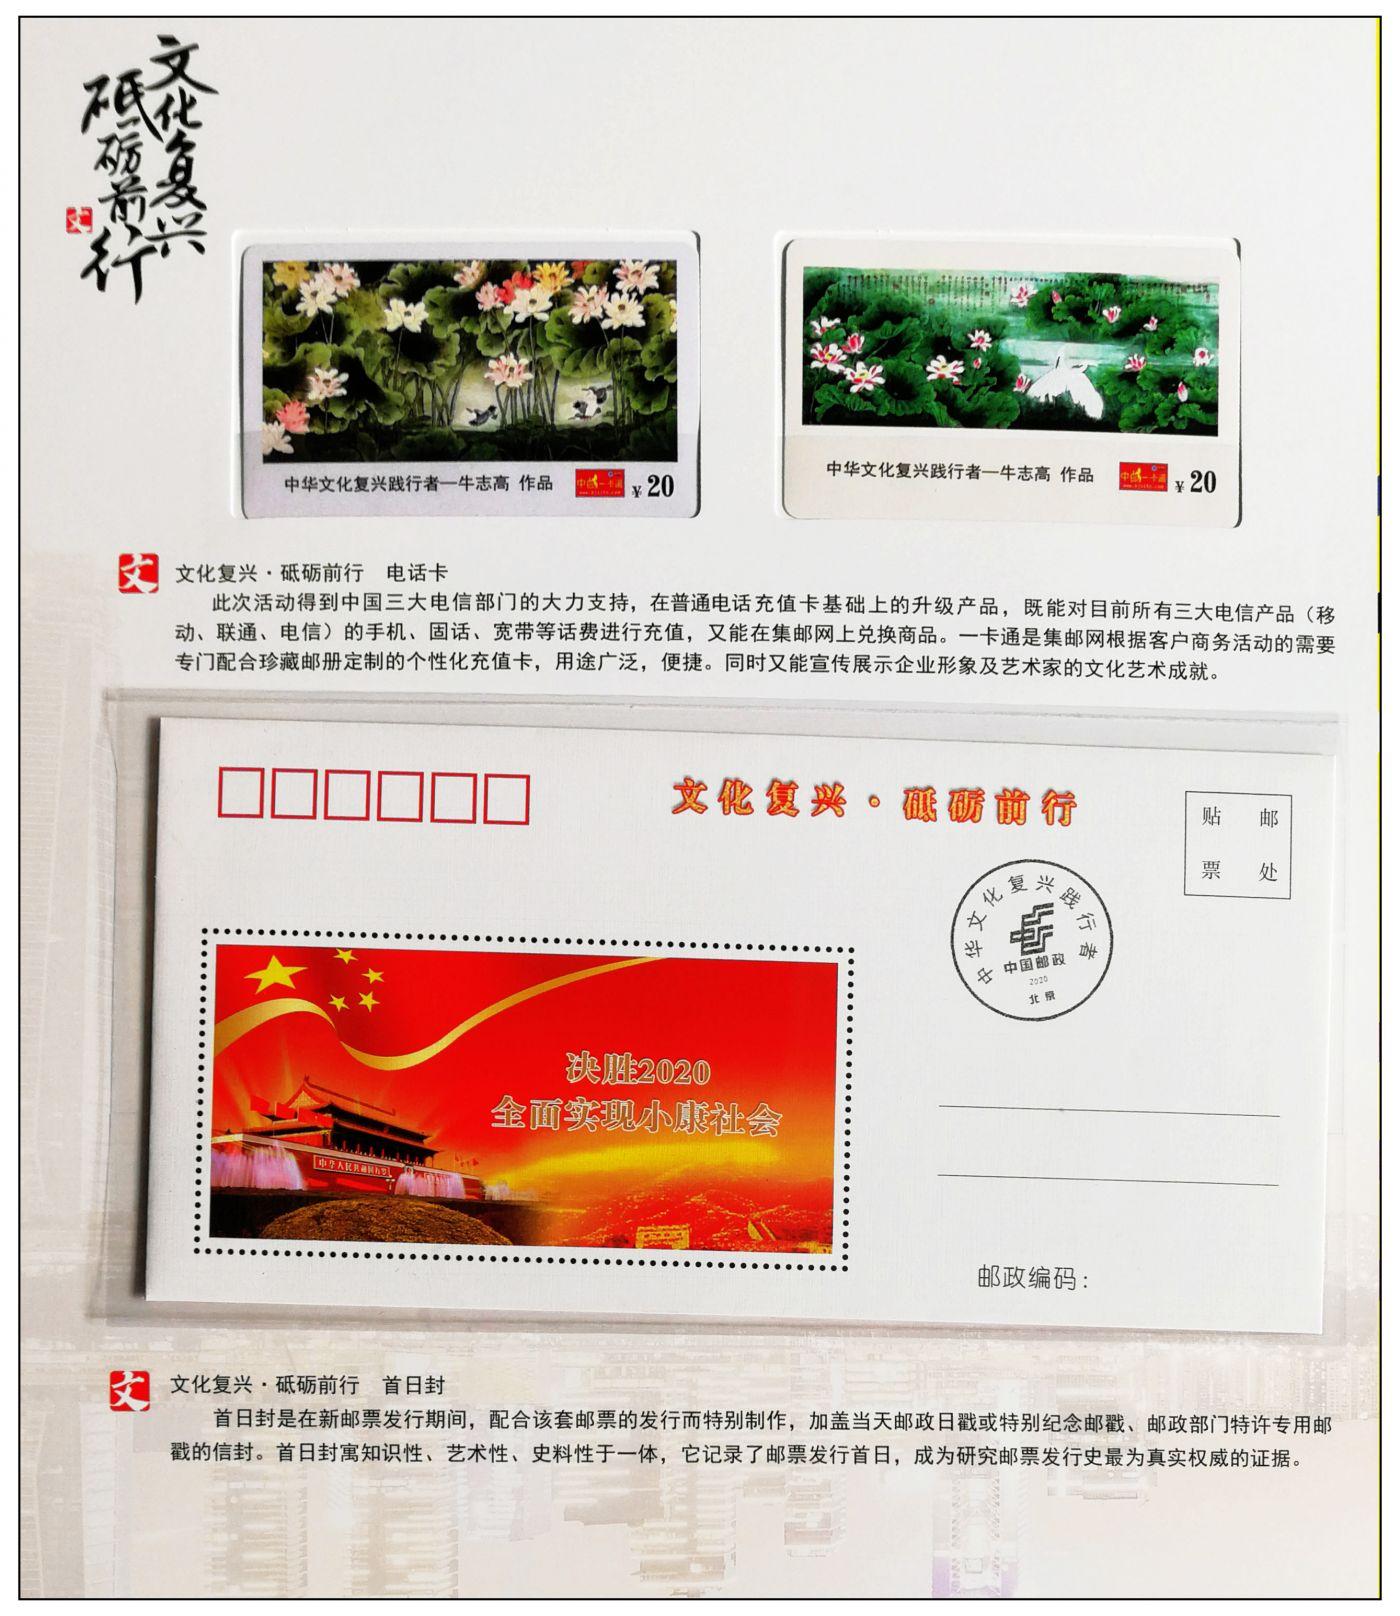 文化复兴----2020年牛志高绘画出版纪念邮票_图1-8